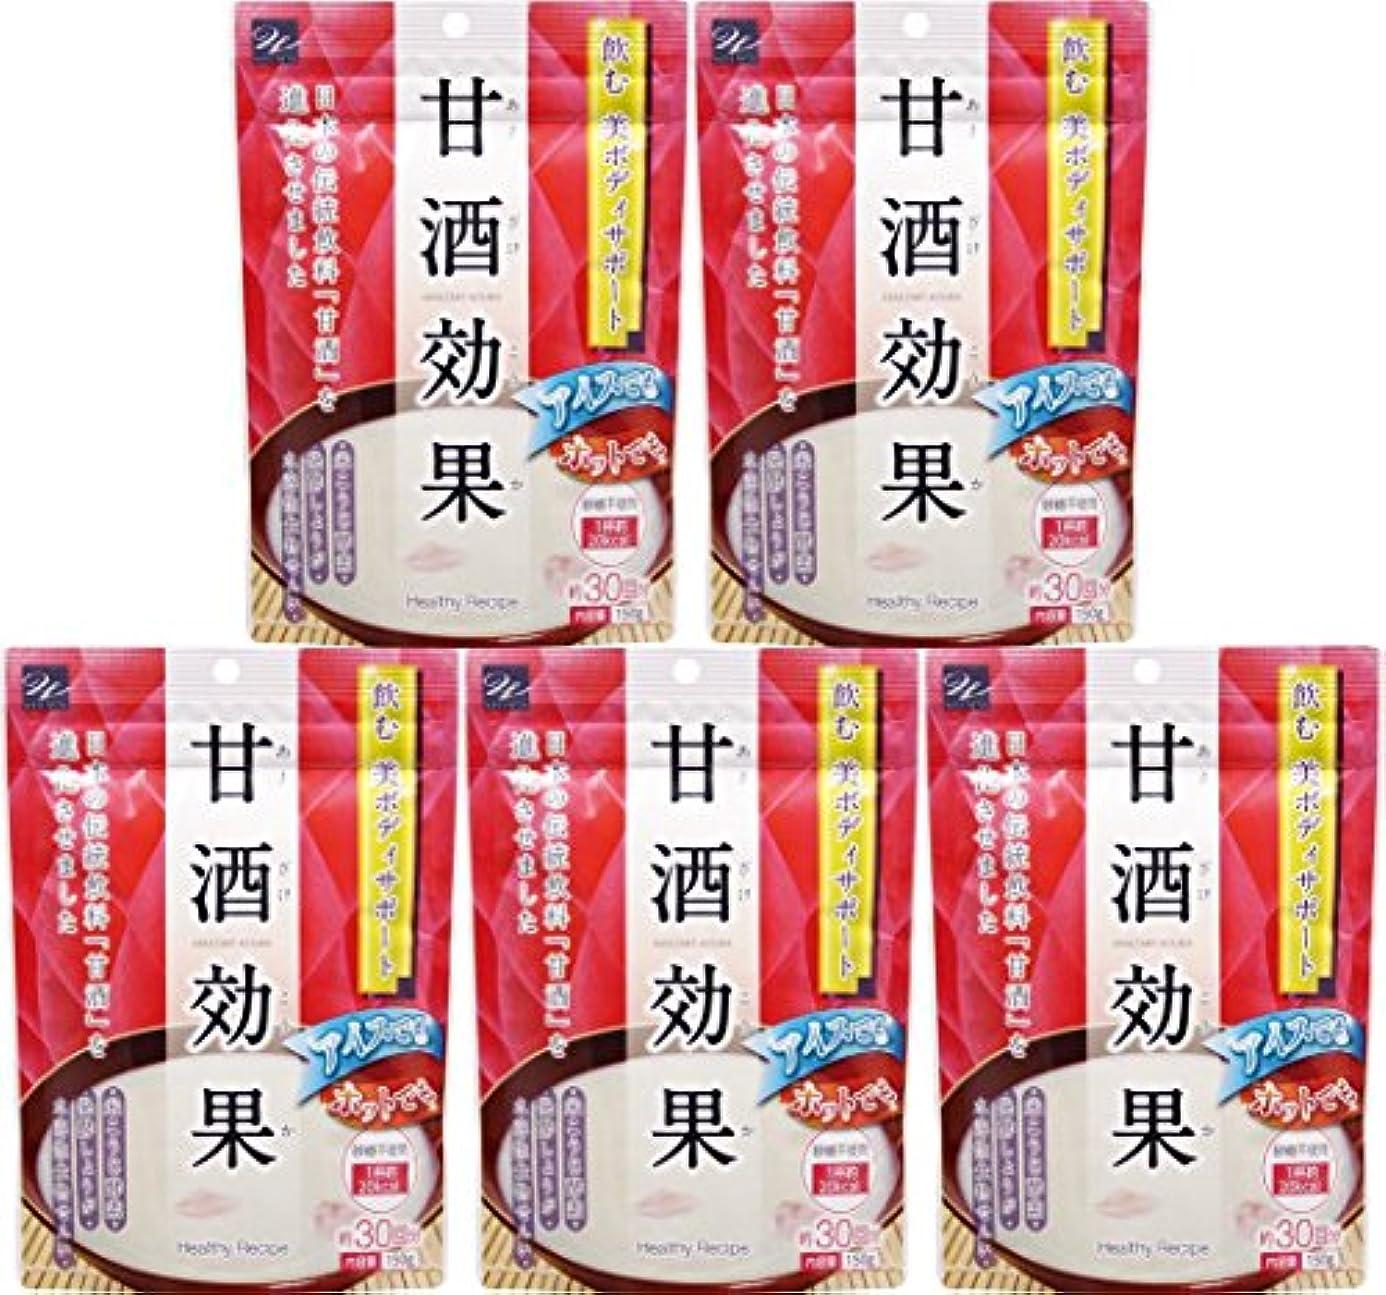 食欲増強確立【5個セット】甘酒効果 150g